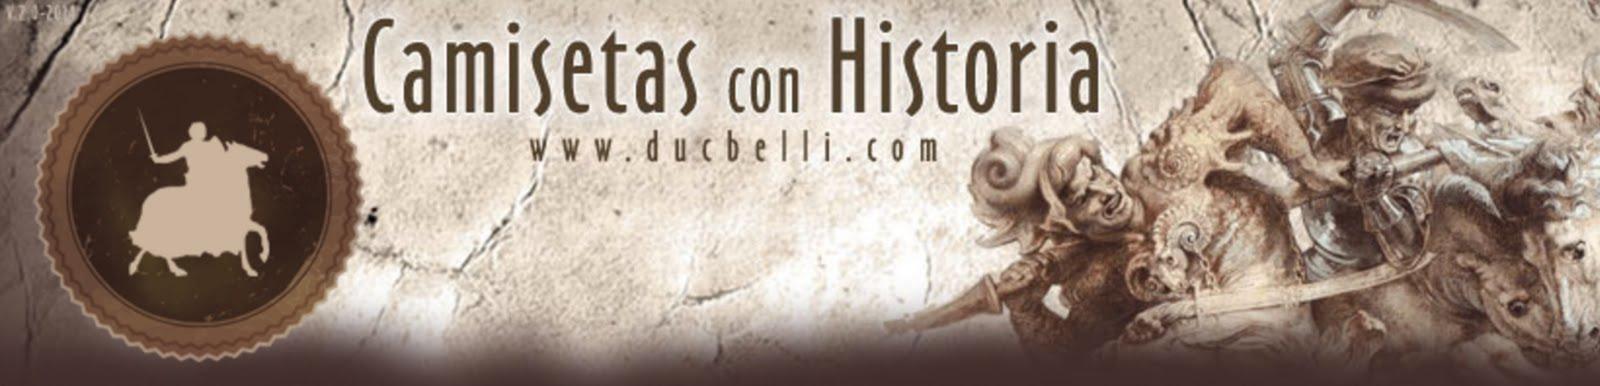 Ducbelli